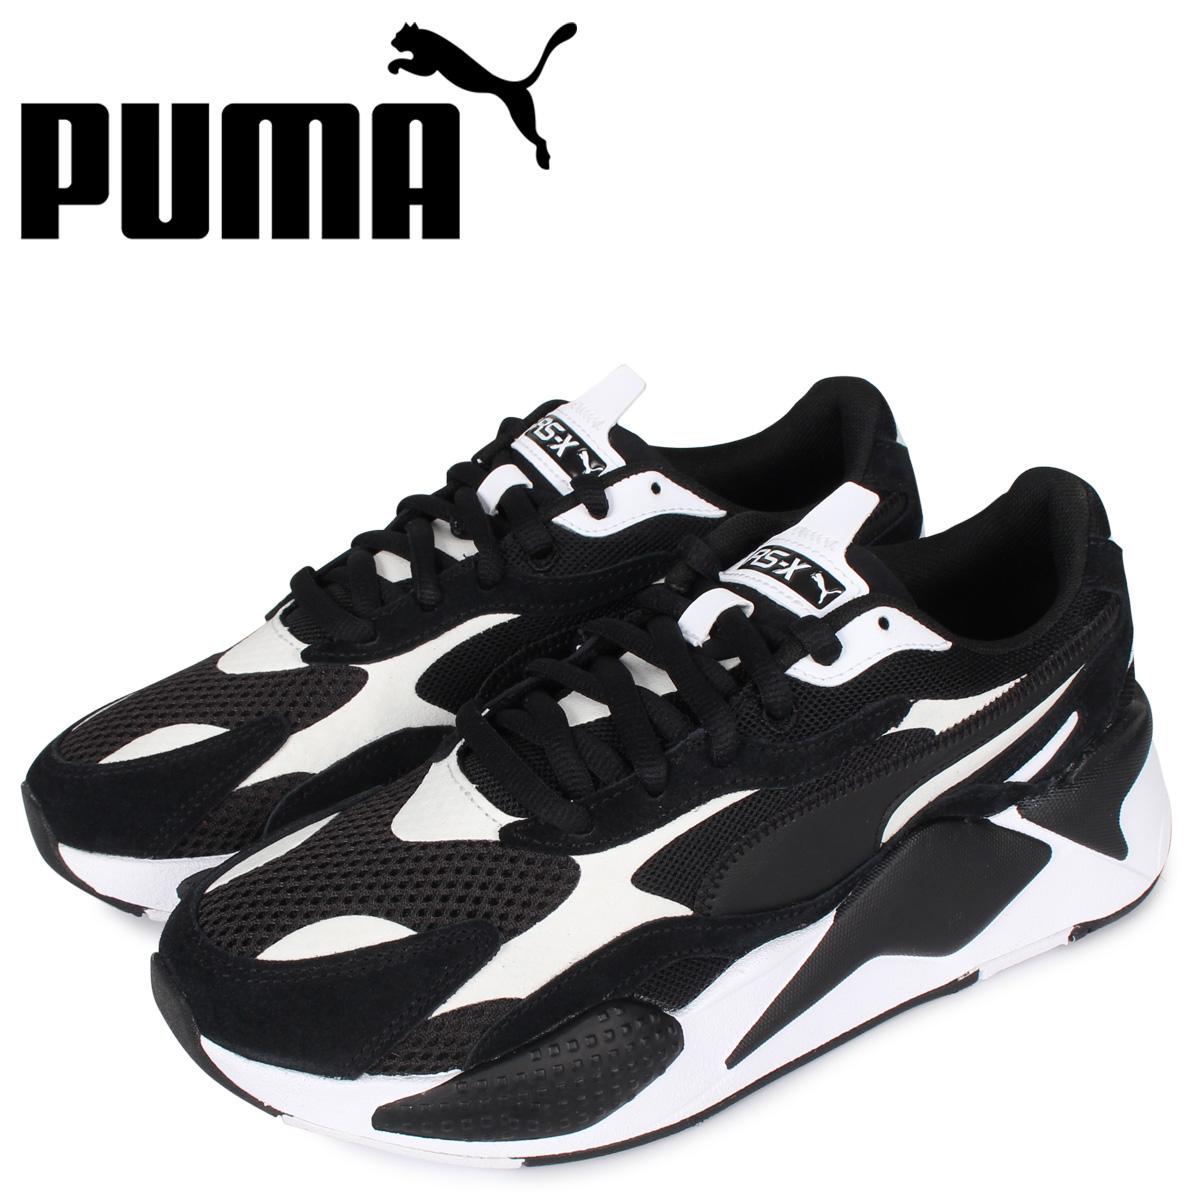 PUMA プーマ スーパー スニーカー メンズ RS-X3 SUPER ブラック 黒 372884-07